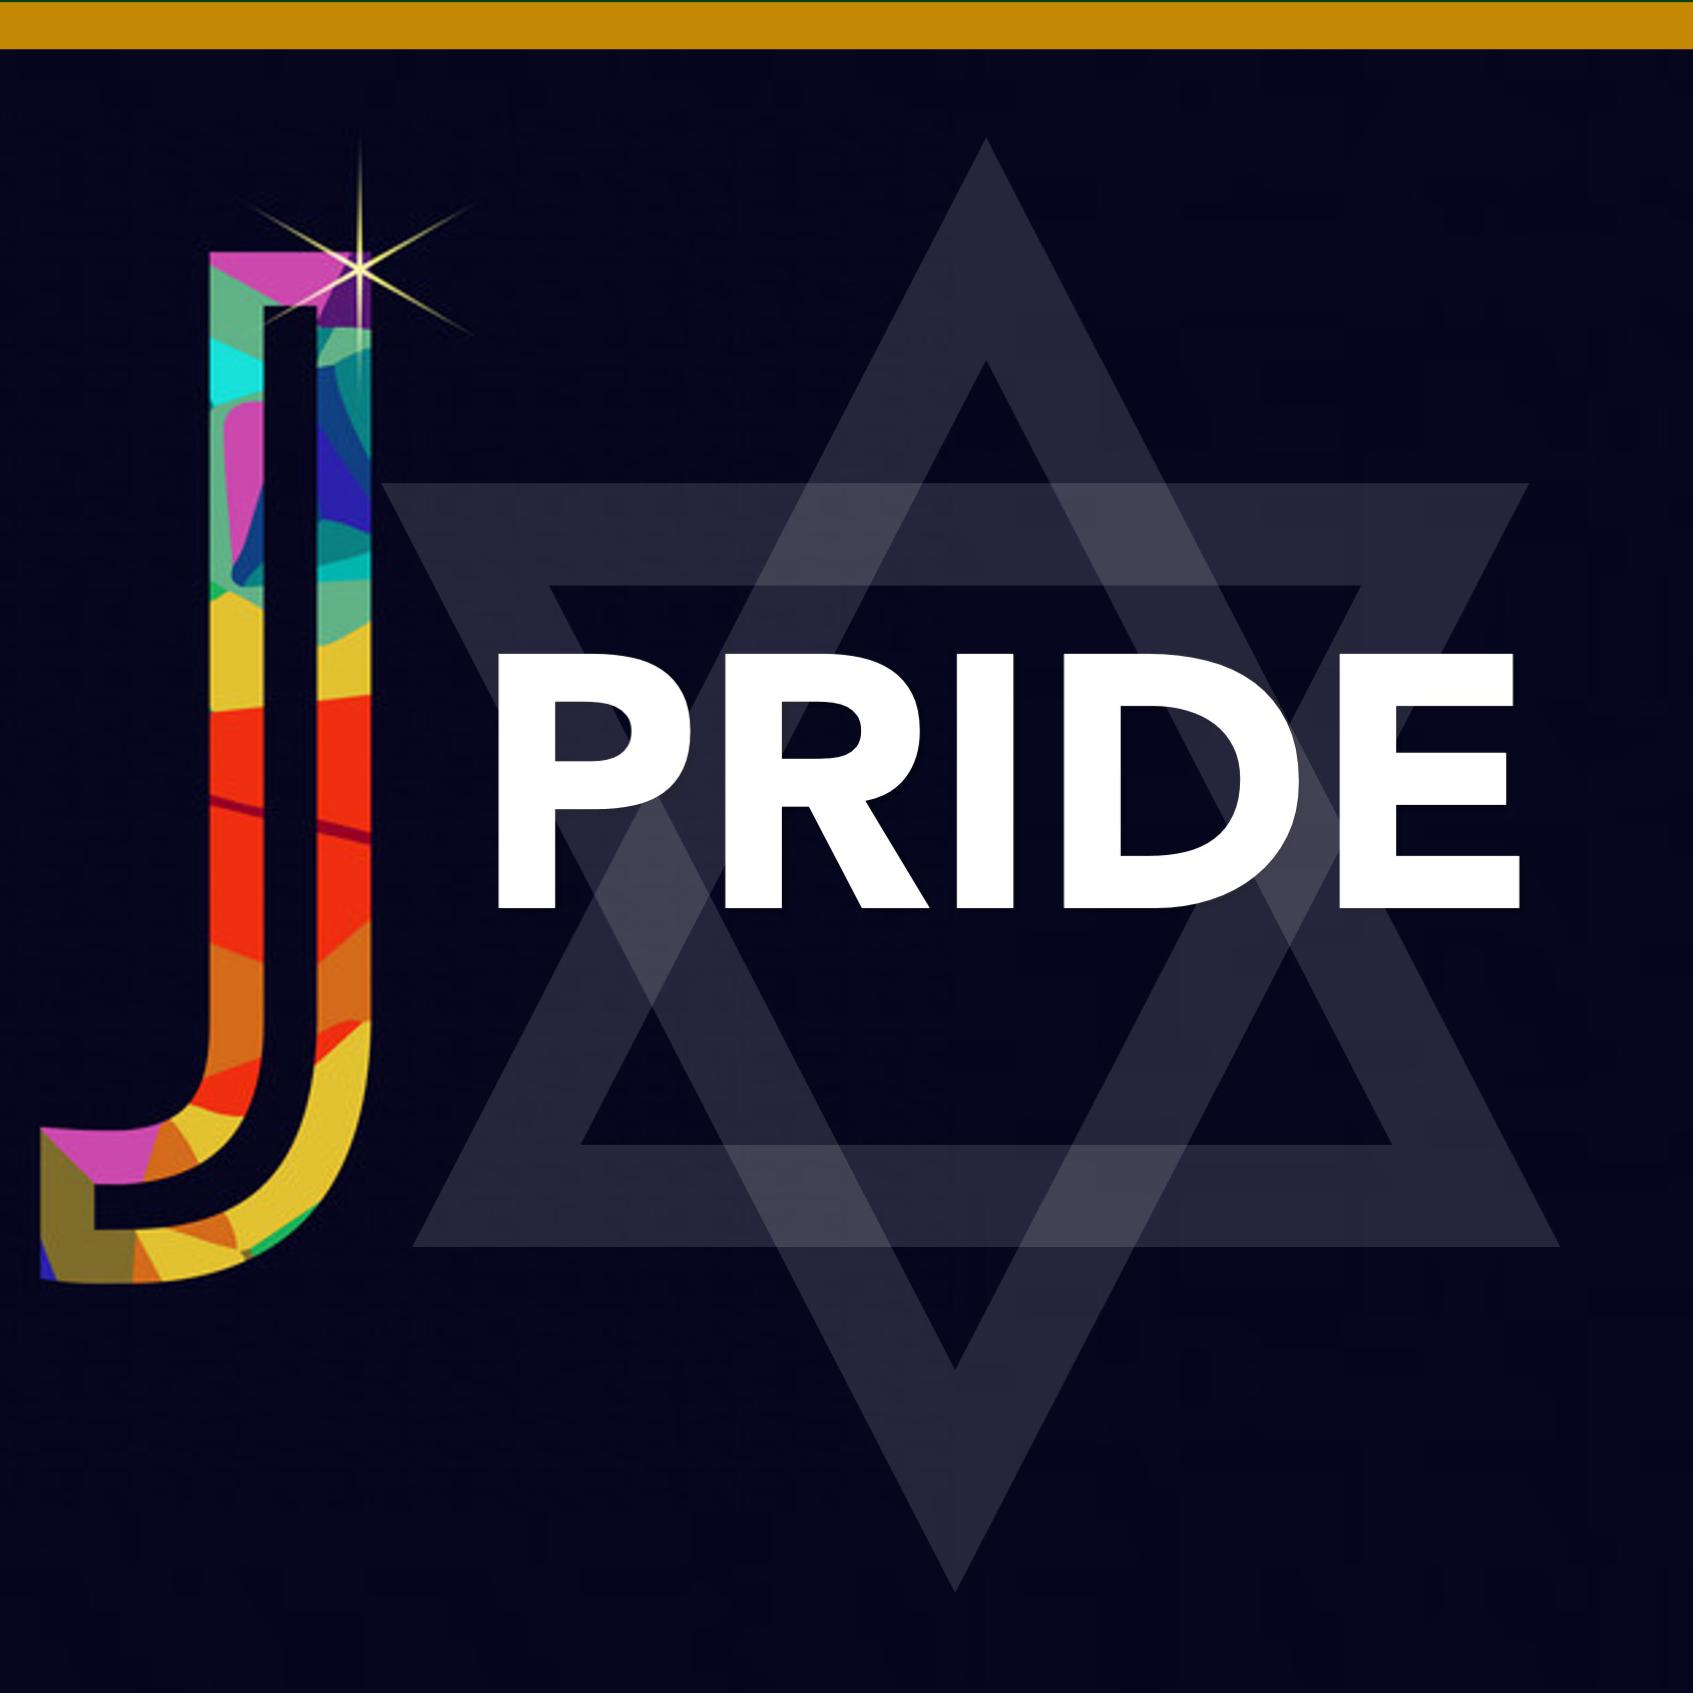 Jews of Pride (JPRIDE)